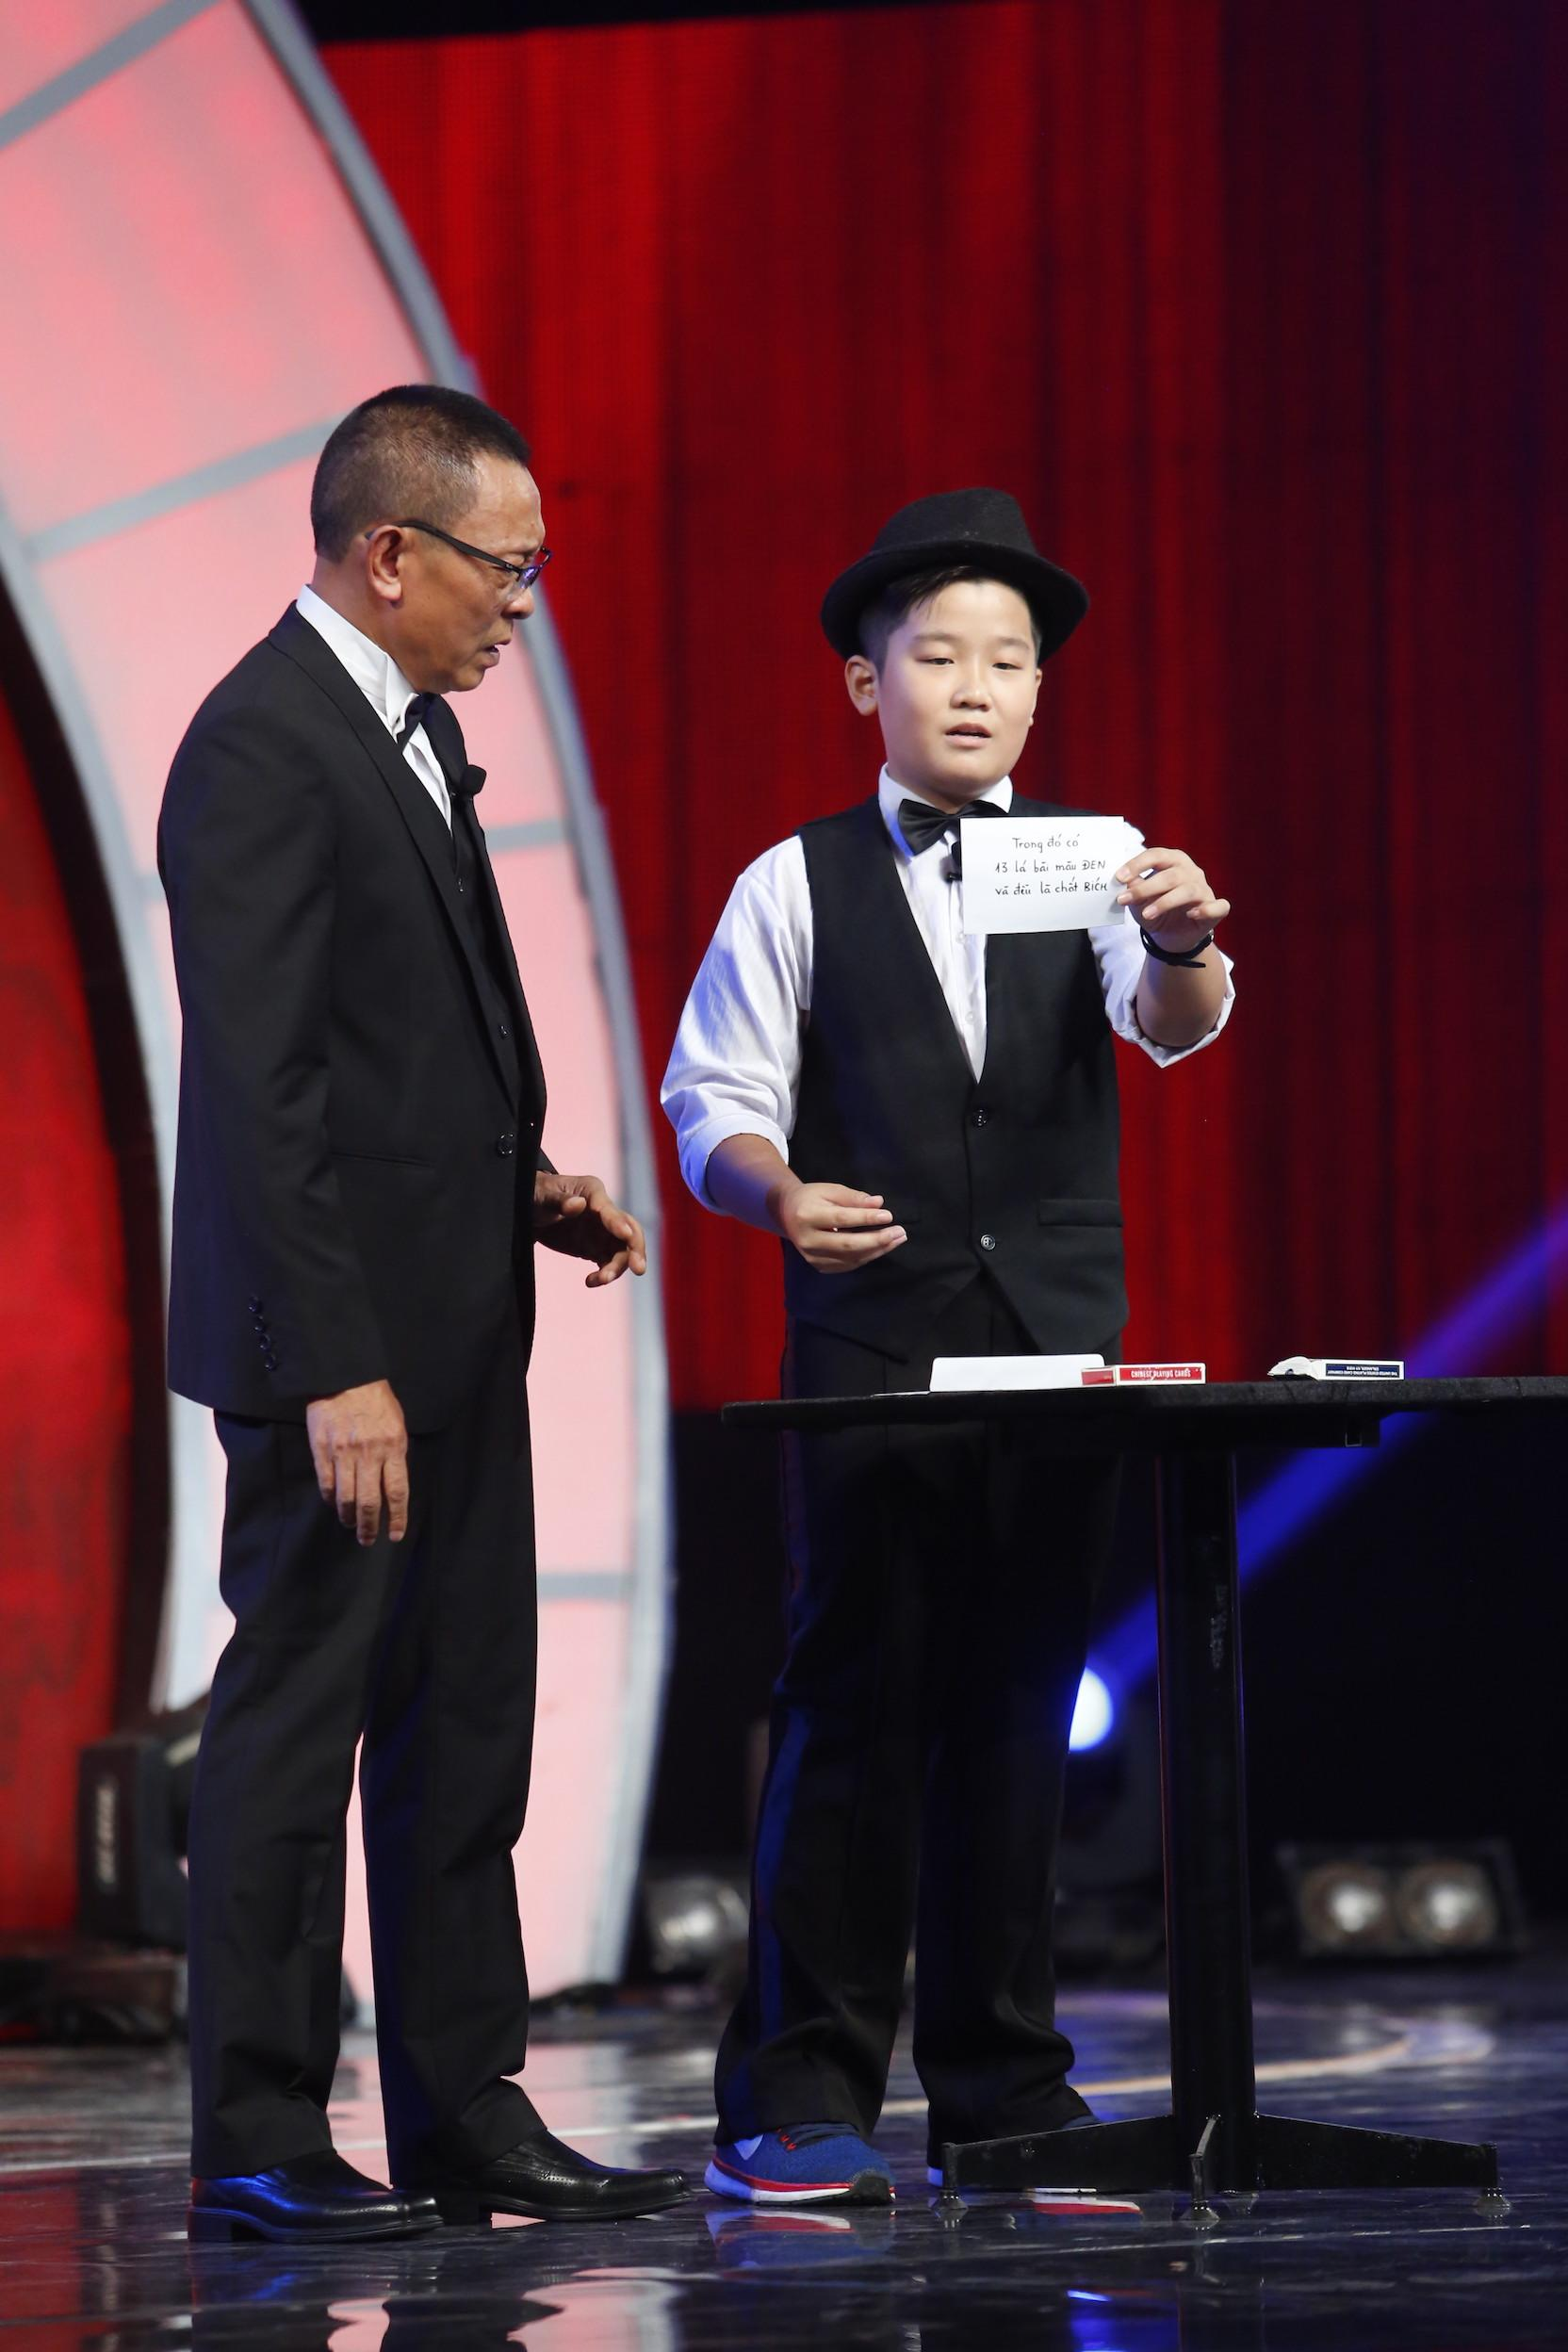 Cậu bé 13 tuổi làm mê hoặc khán giả Mặt trời bé con với màn ảo thuật siêu đỉnh-1